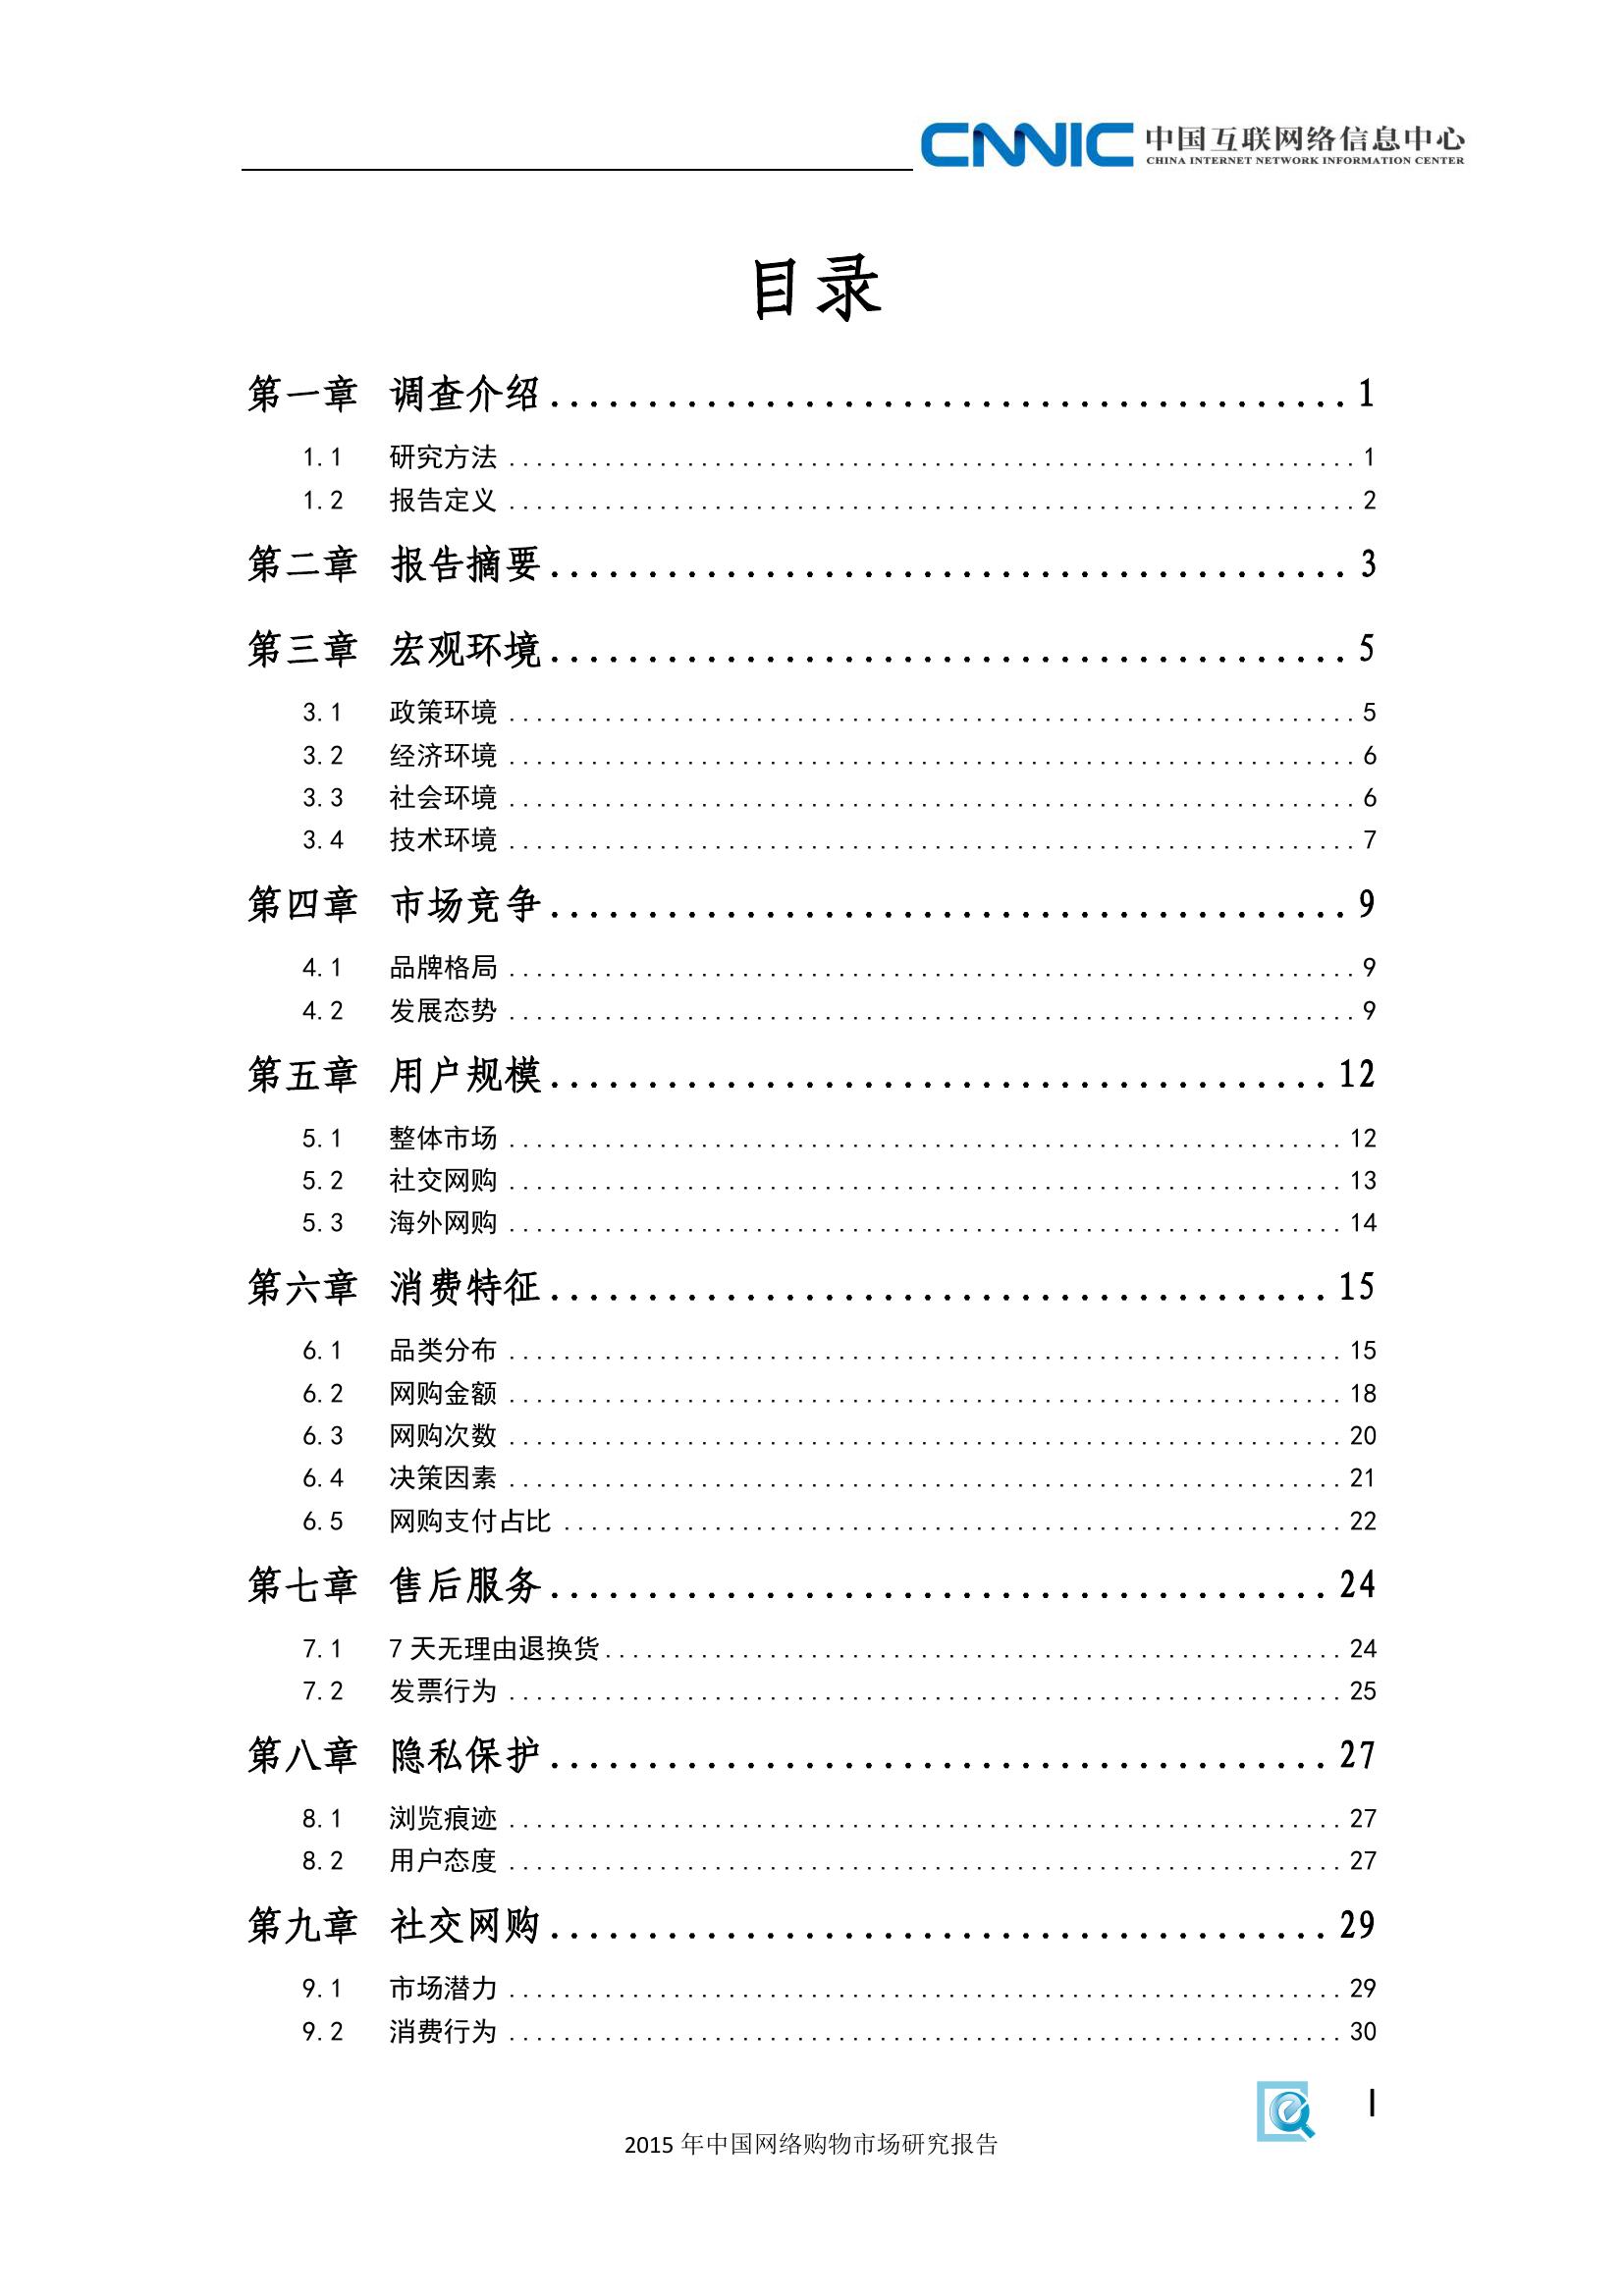 2015年中国网络购物市场研究报告_000005